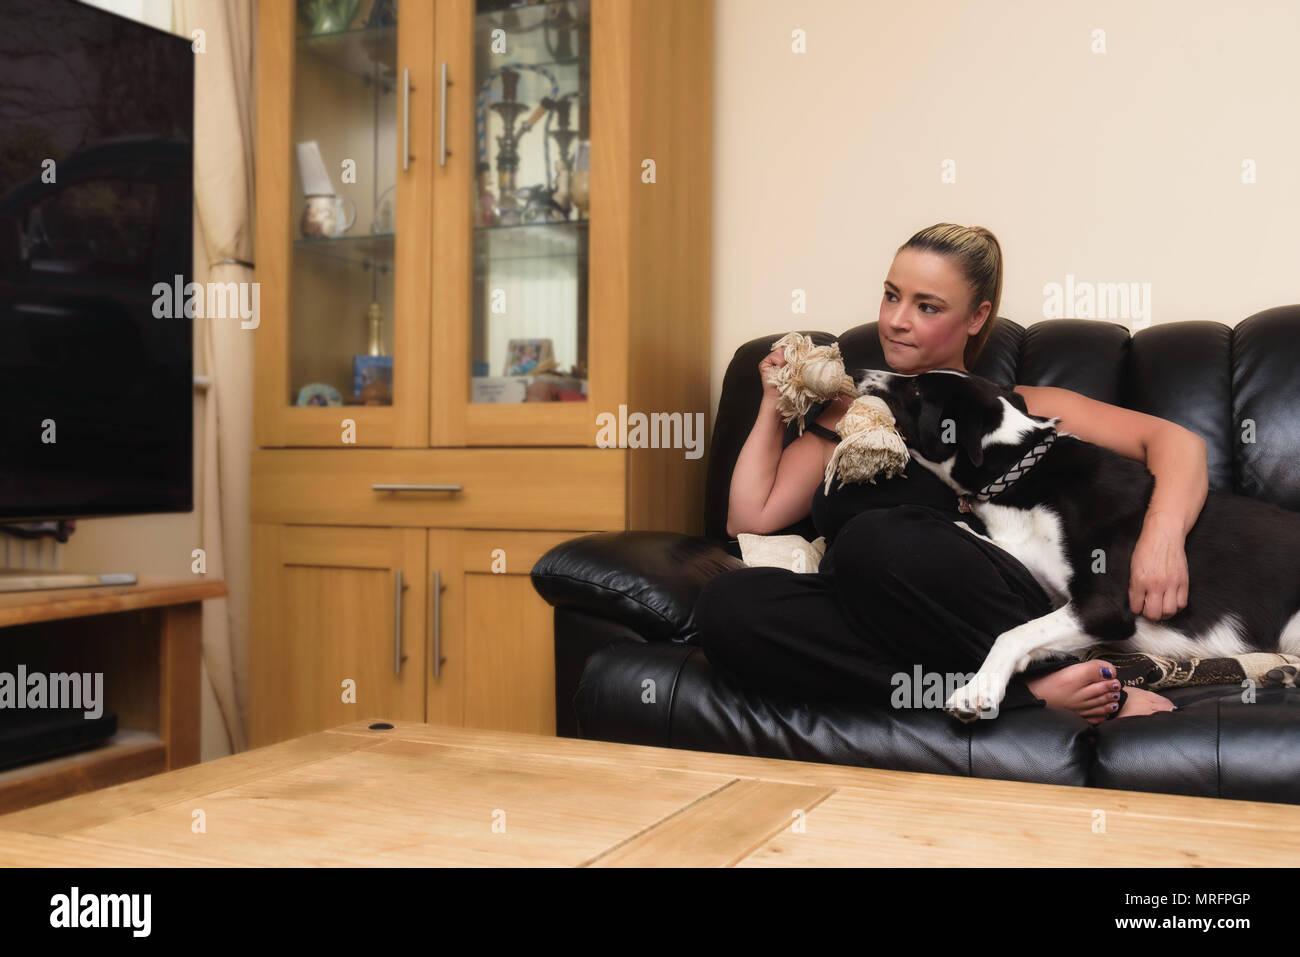 https www alamyimages fr femme essayant de regarder la television avec son chien noir et blanc sur le canape a la maison dans le salon image186587766 html